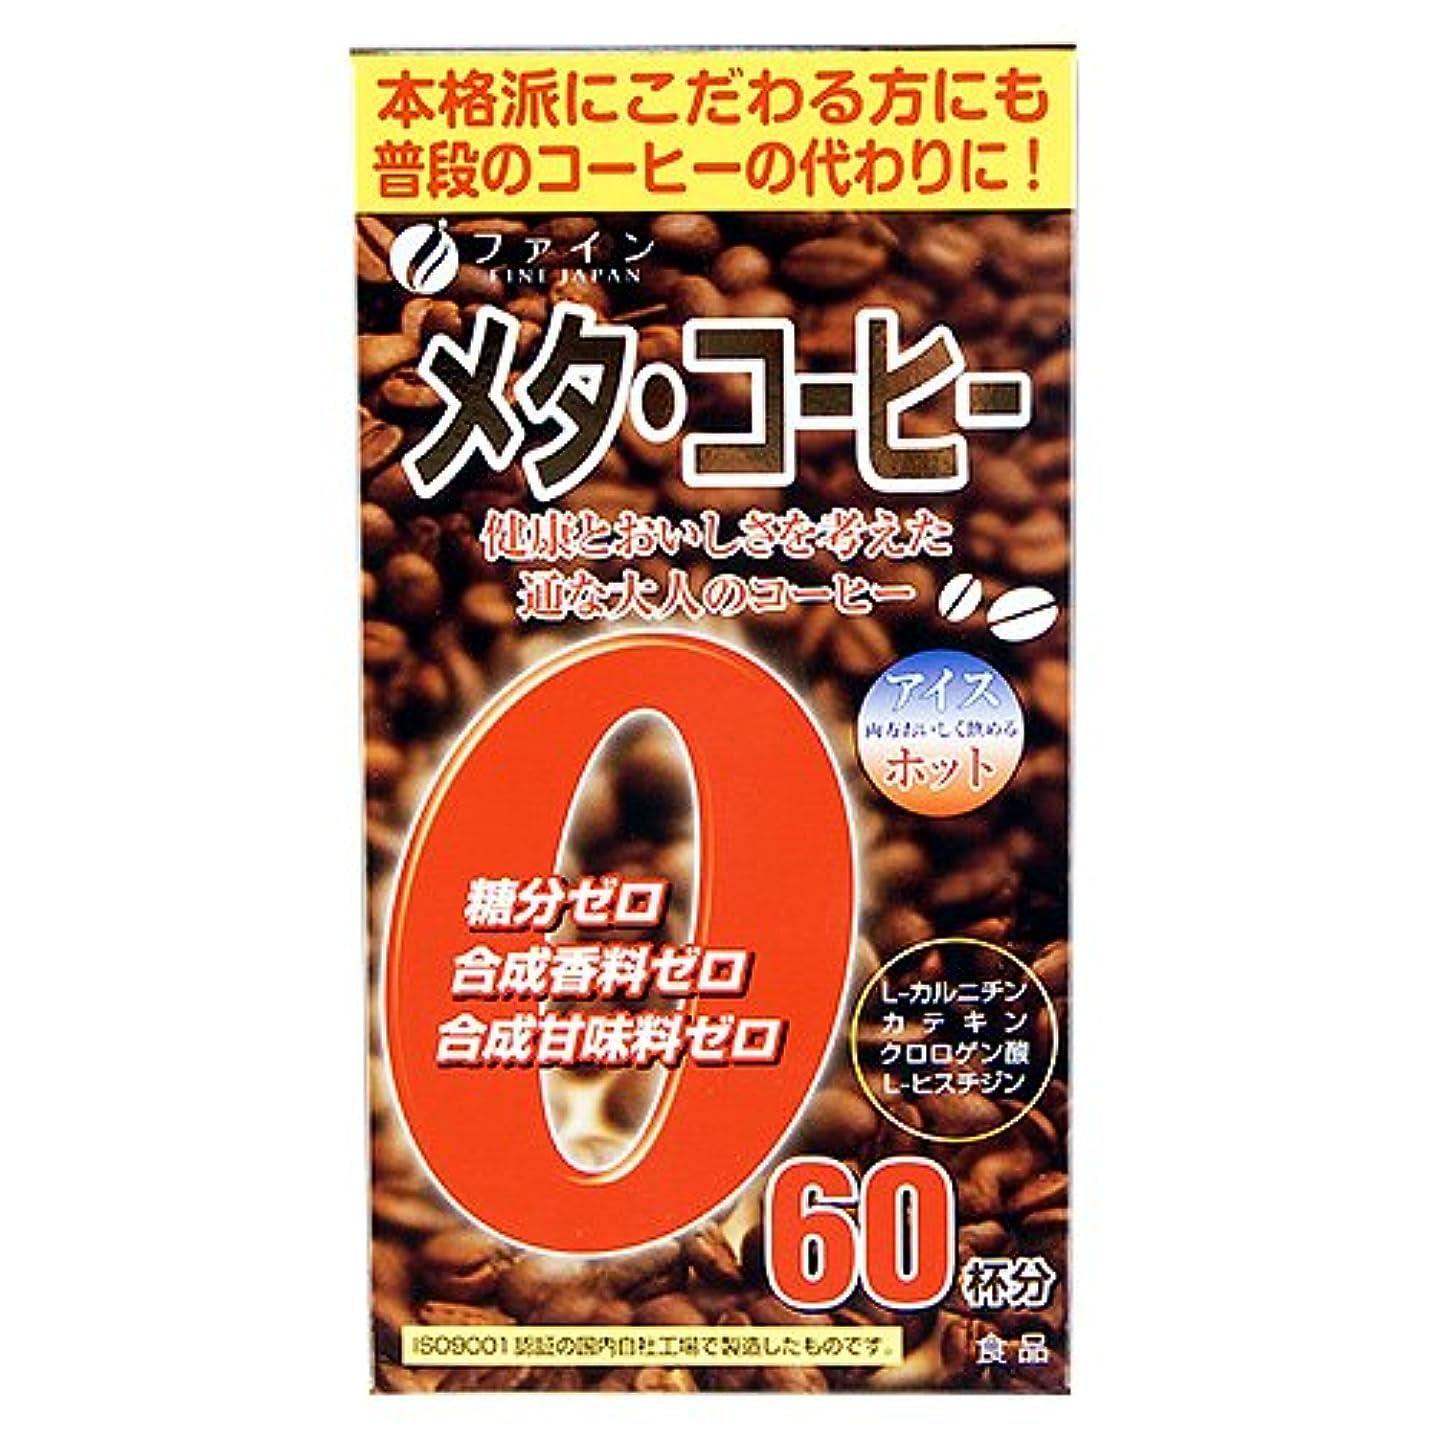 統治可能リスナー自殺メタコーヒー 66g 1.1g×60包 ファイン